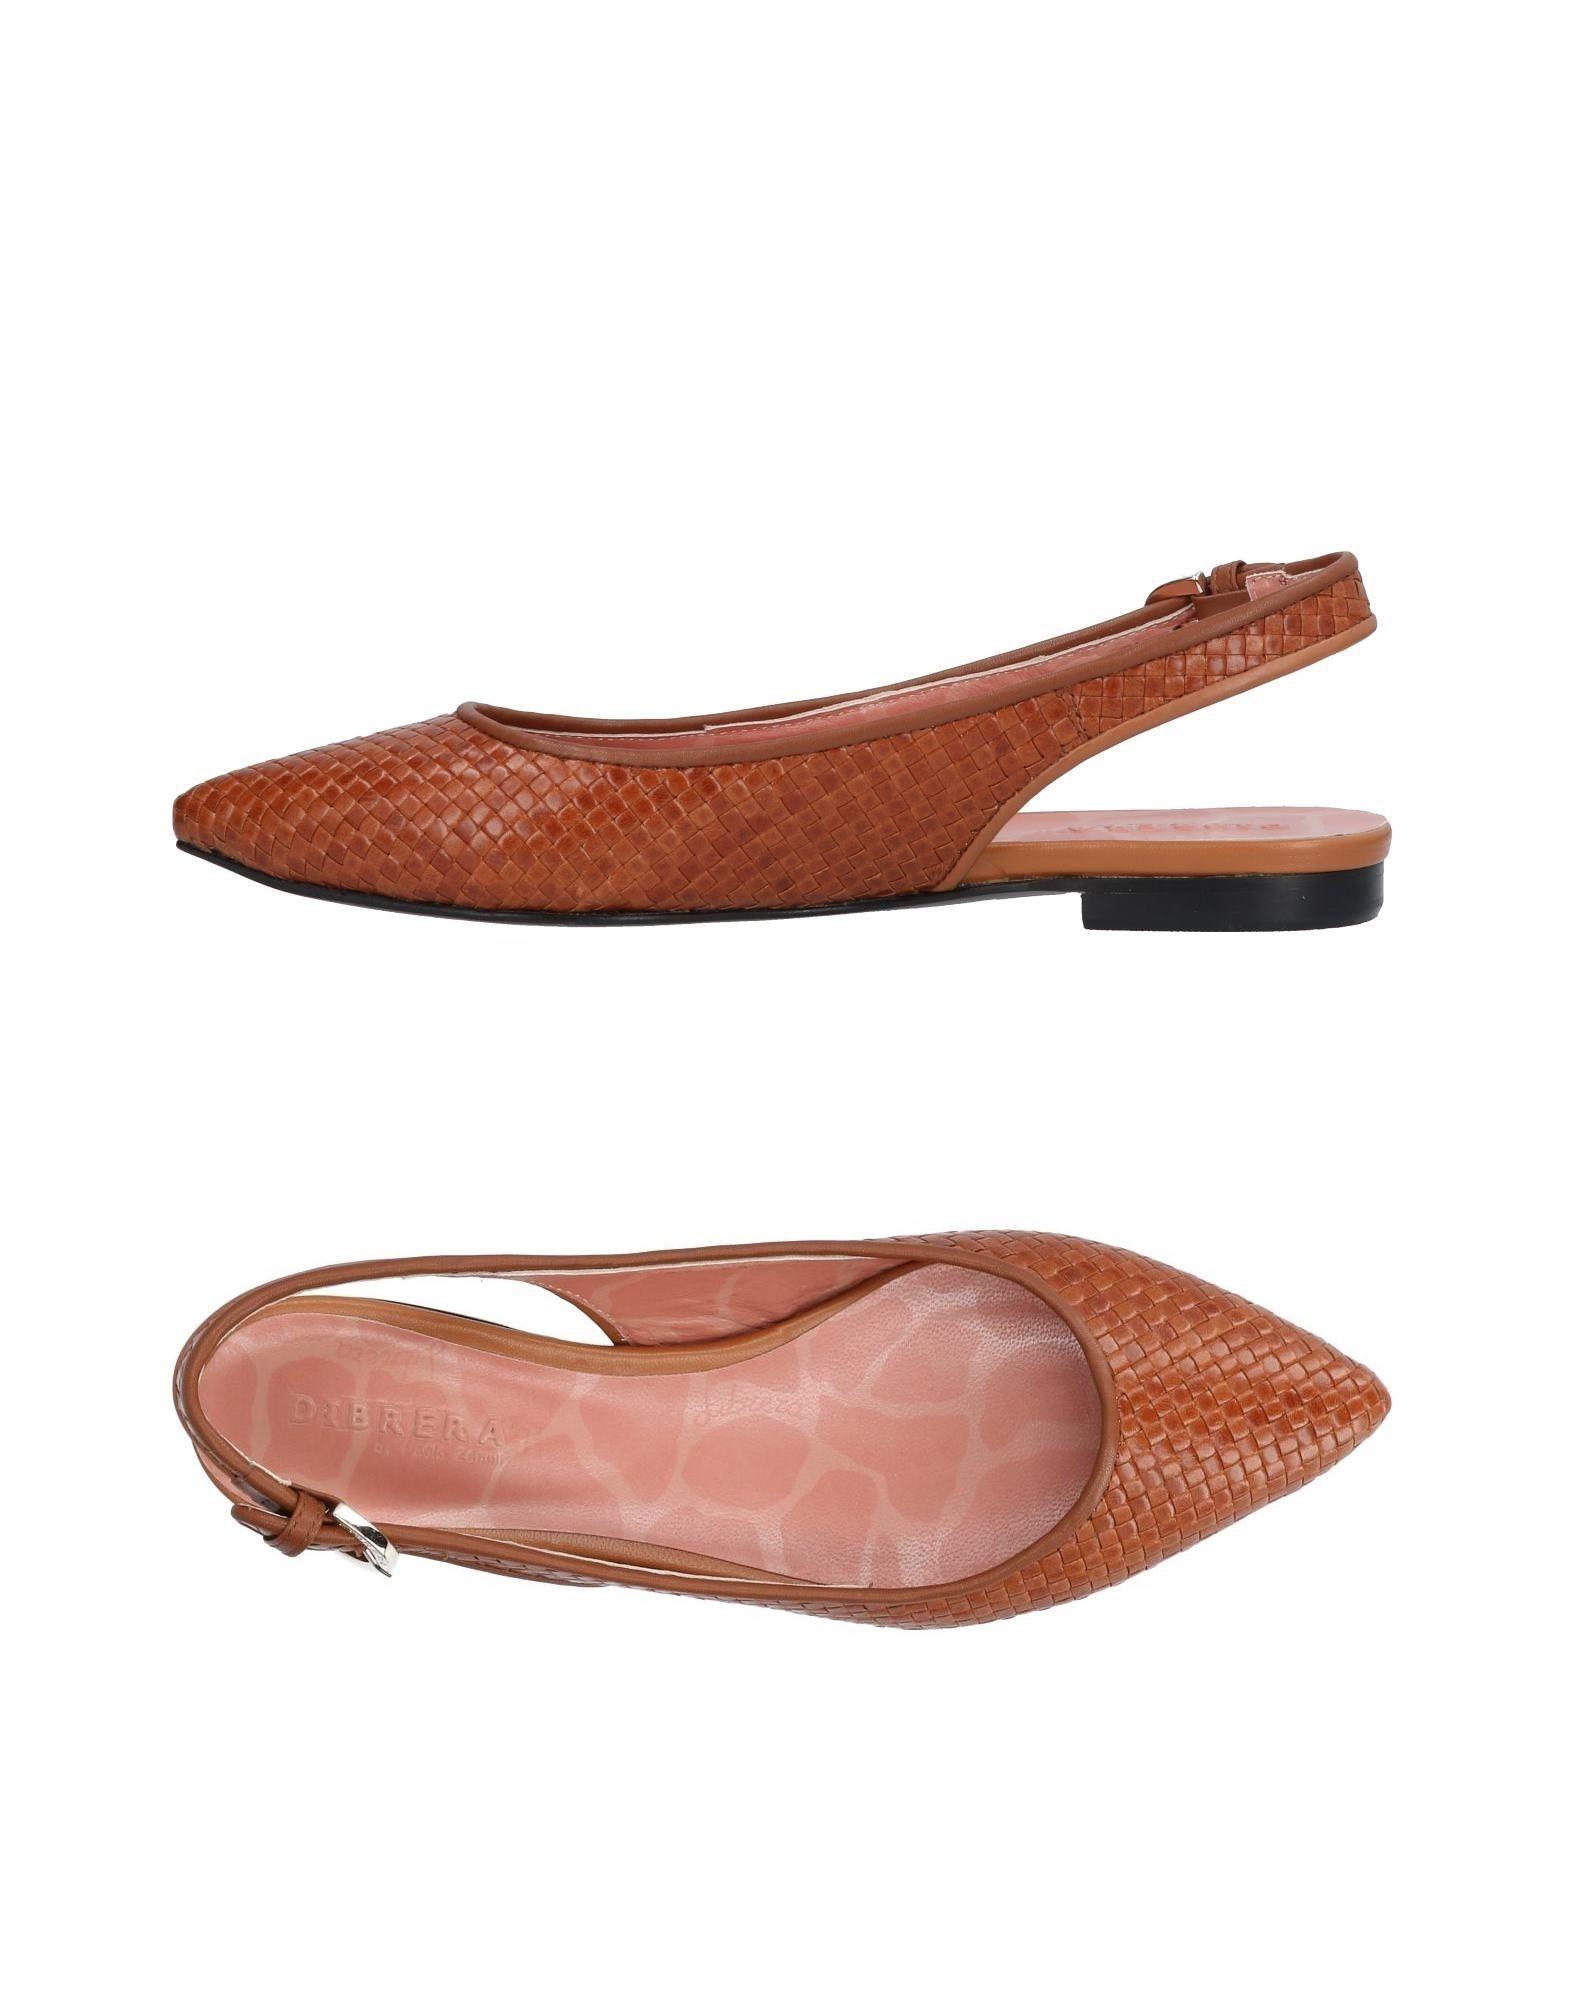 Dibrera By Paolo Zanoli Ballerinas Damen  11420484QAGut aussehende strapazierfähige Schuhe